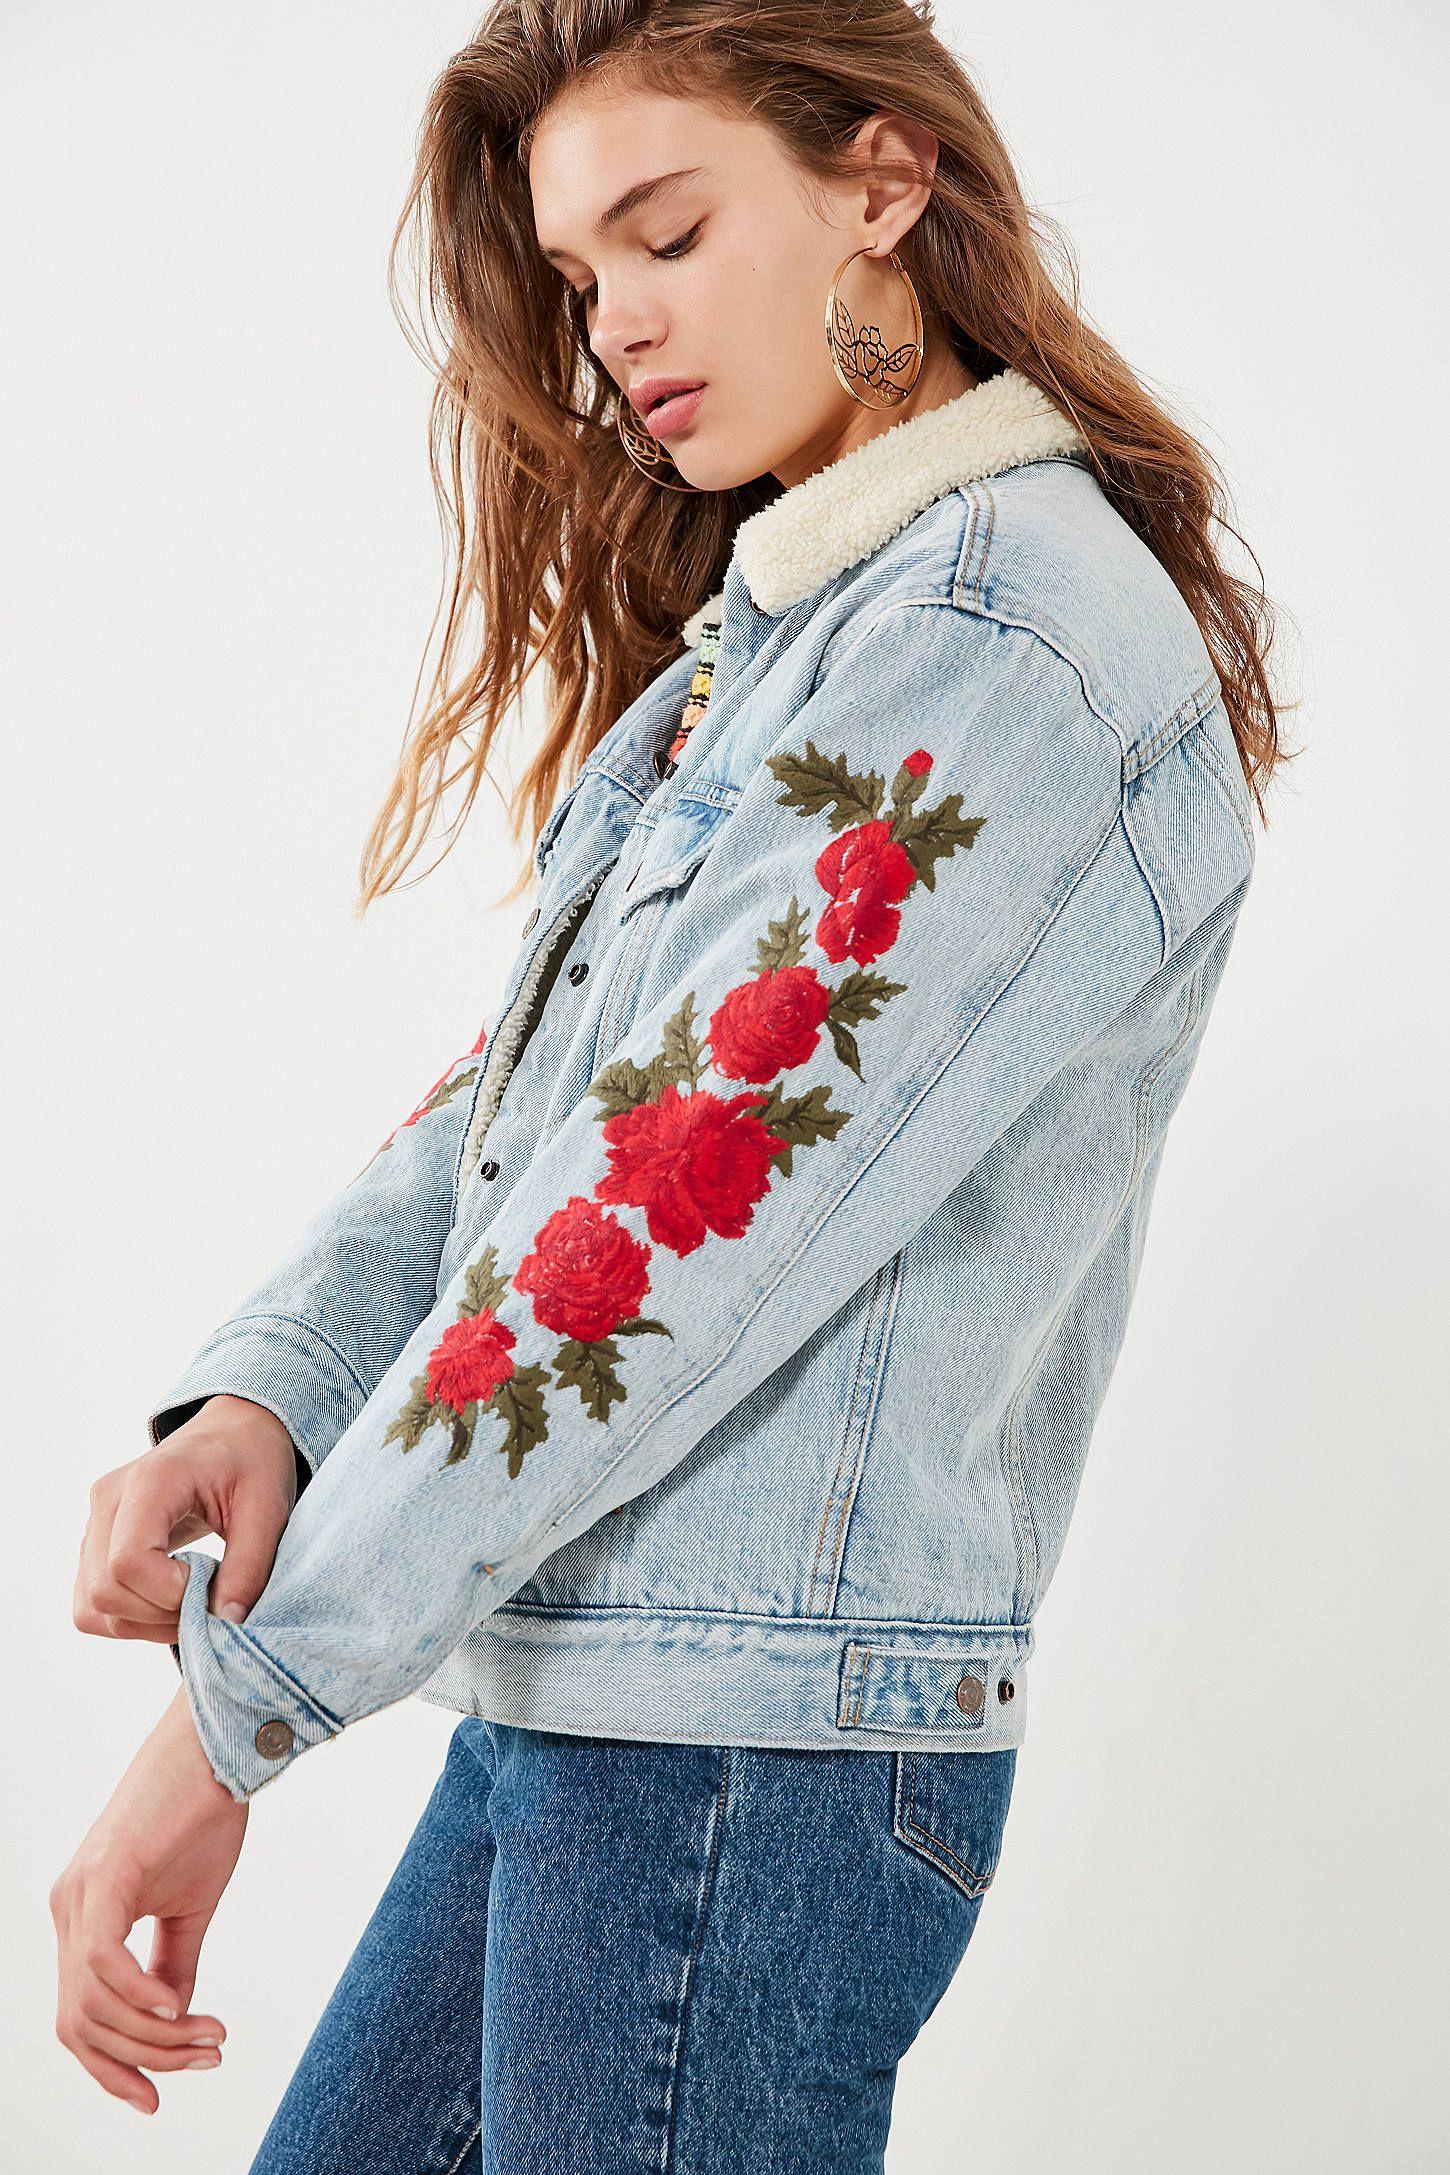 Levi S Embroidered Rose Sherpa Ex Boyfriend Denim Jacket Boyfriend Denim Jacket Denim Jacket Women Denim Jacket [ 2175 x 1450 Pixel ]